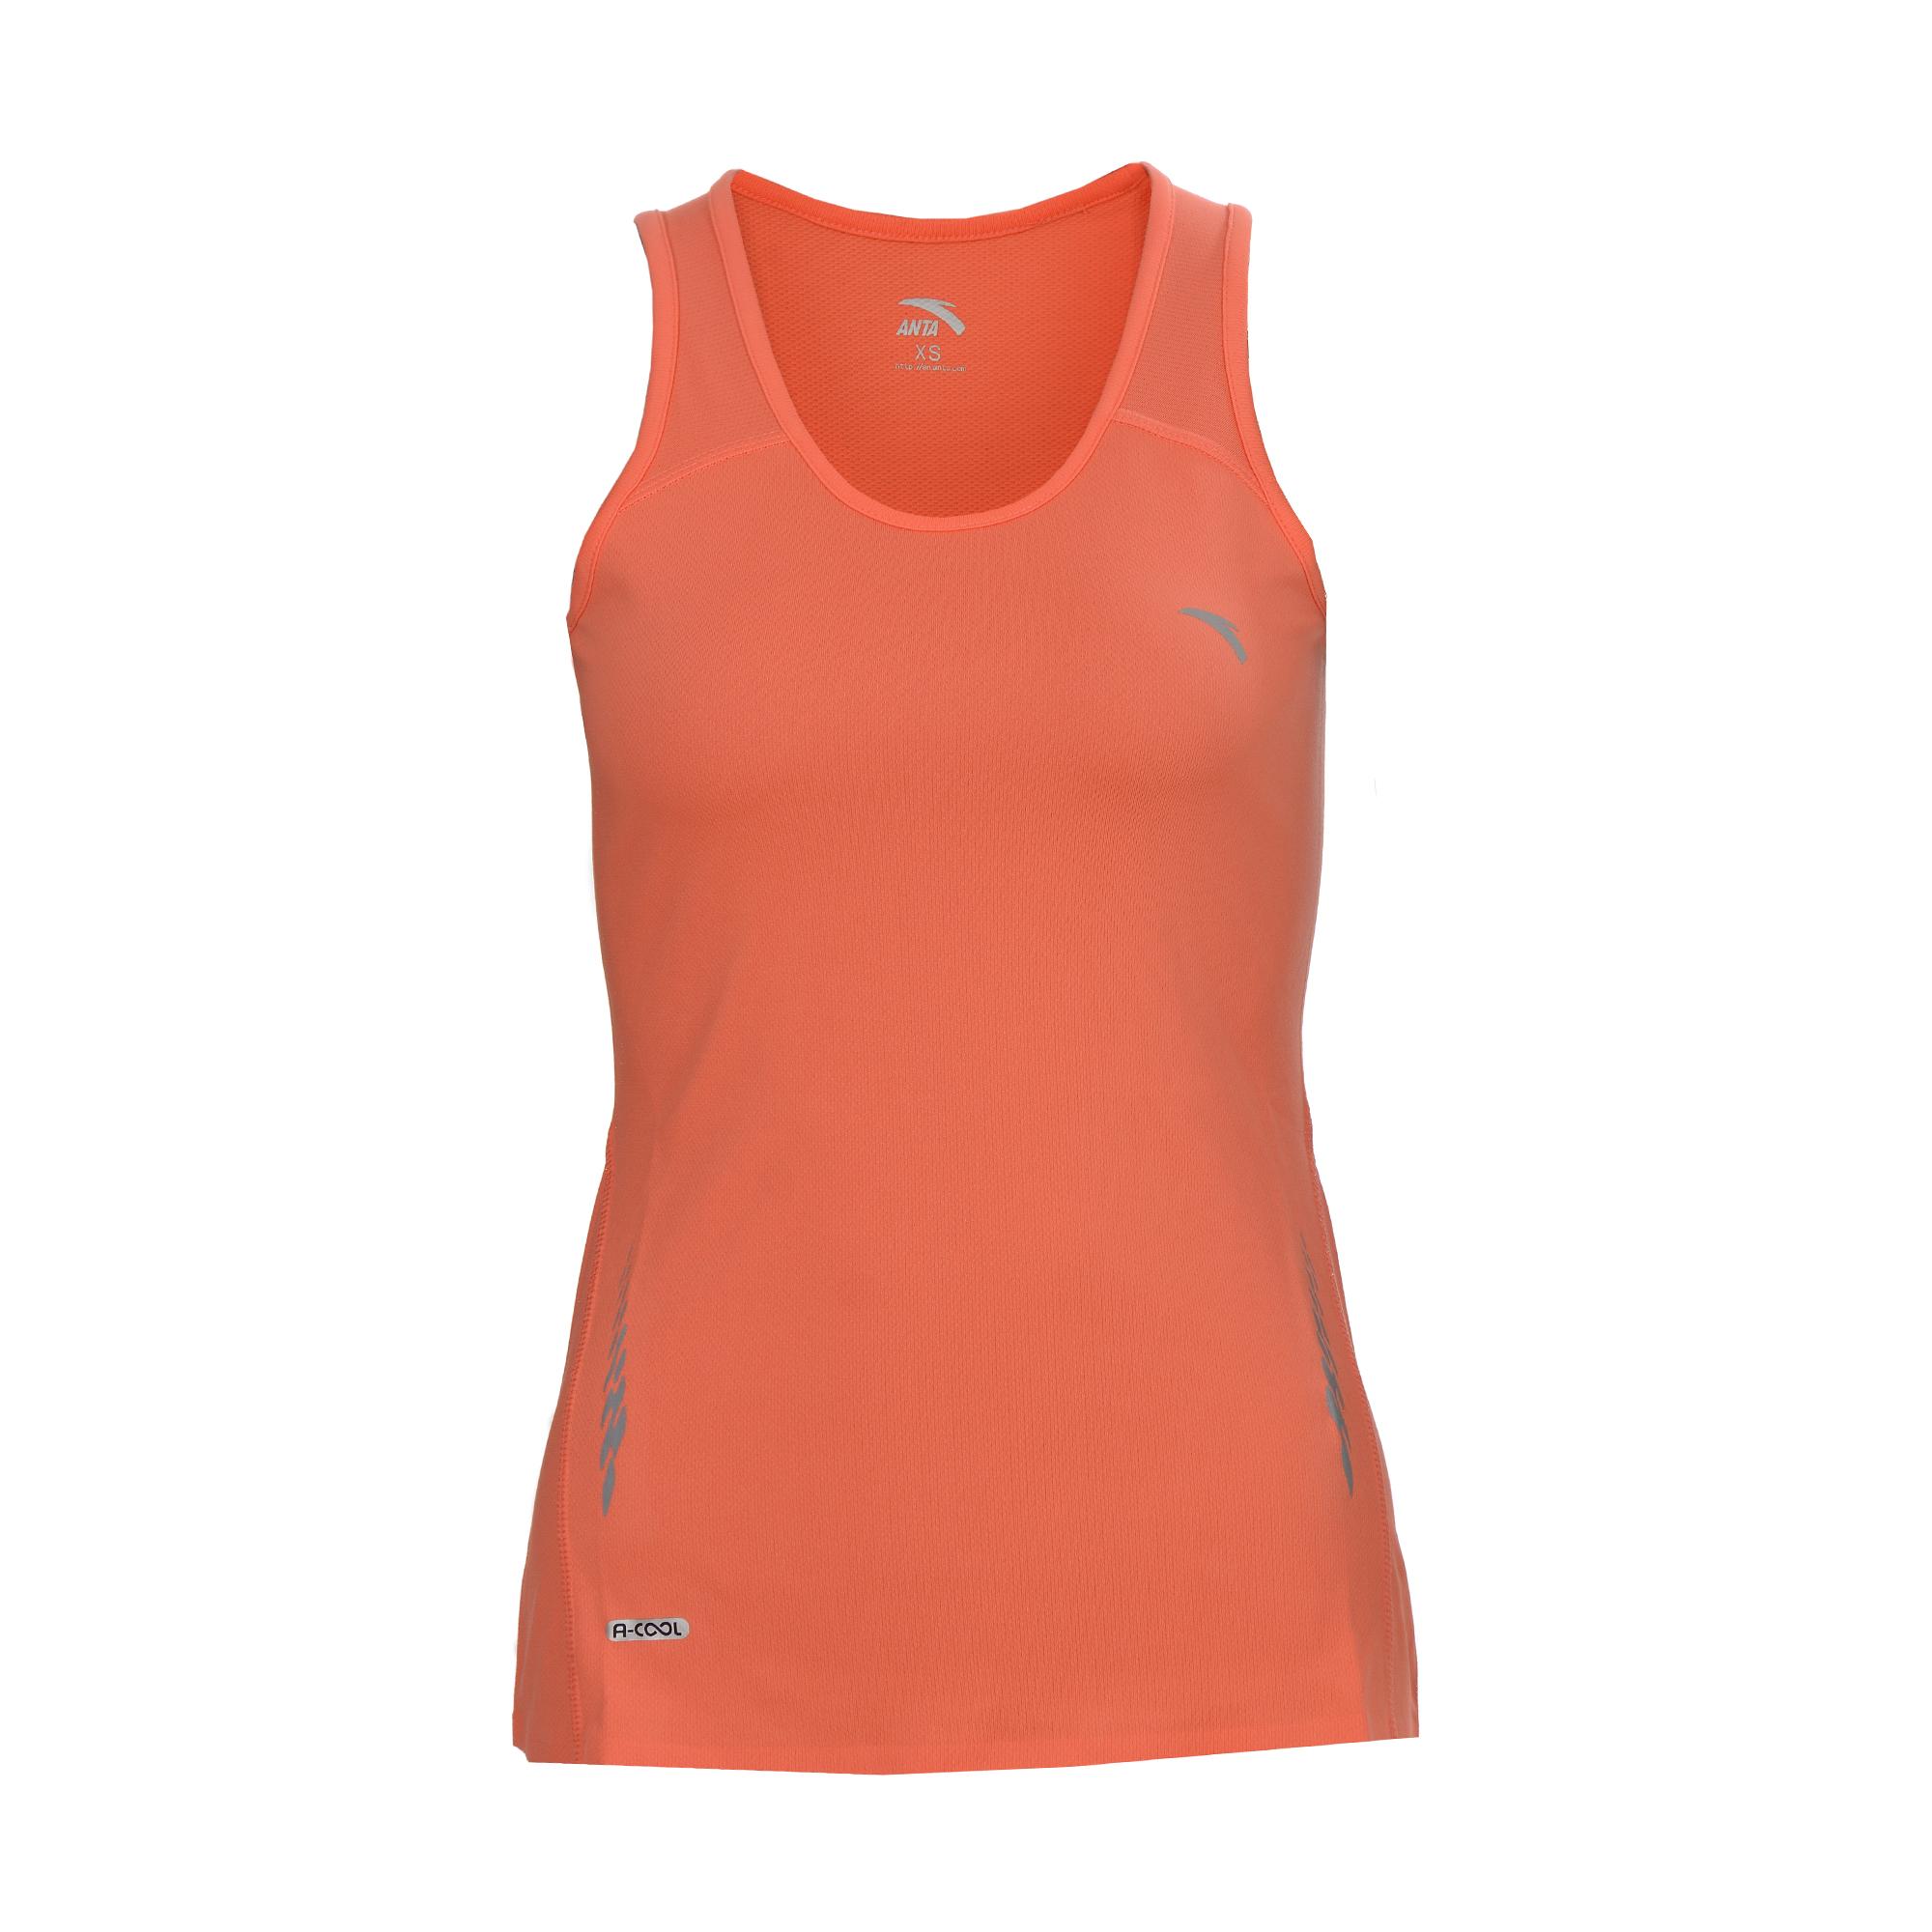 تاپ ورزشی زنانه آنتا مدل 86345106-1